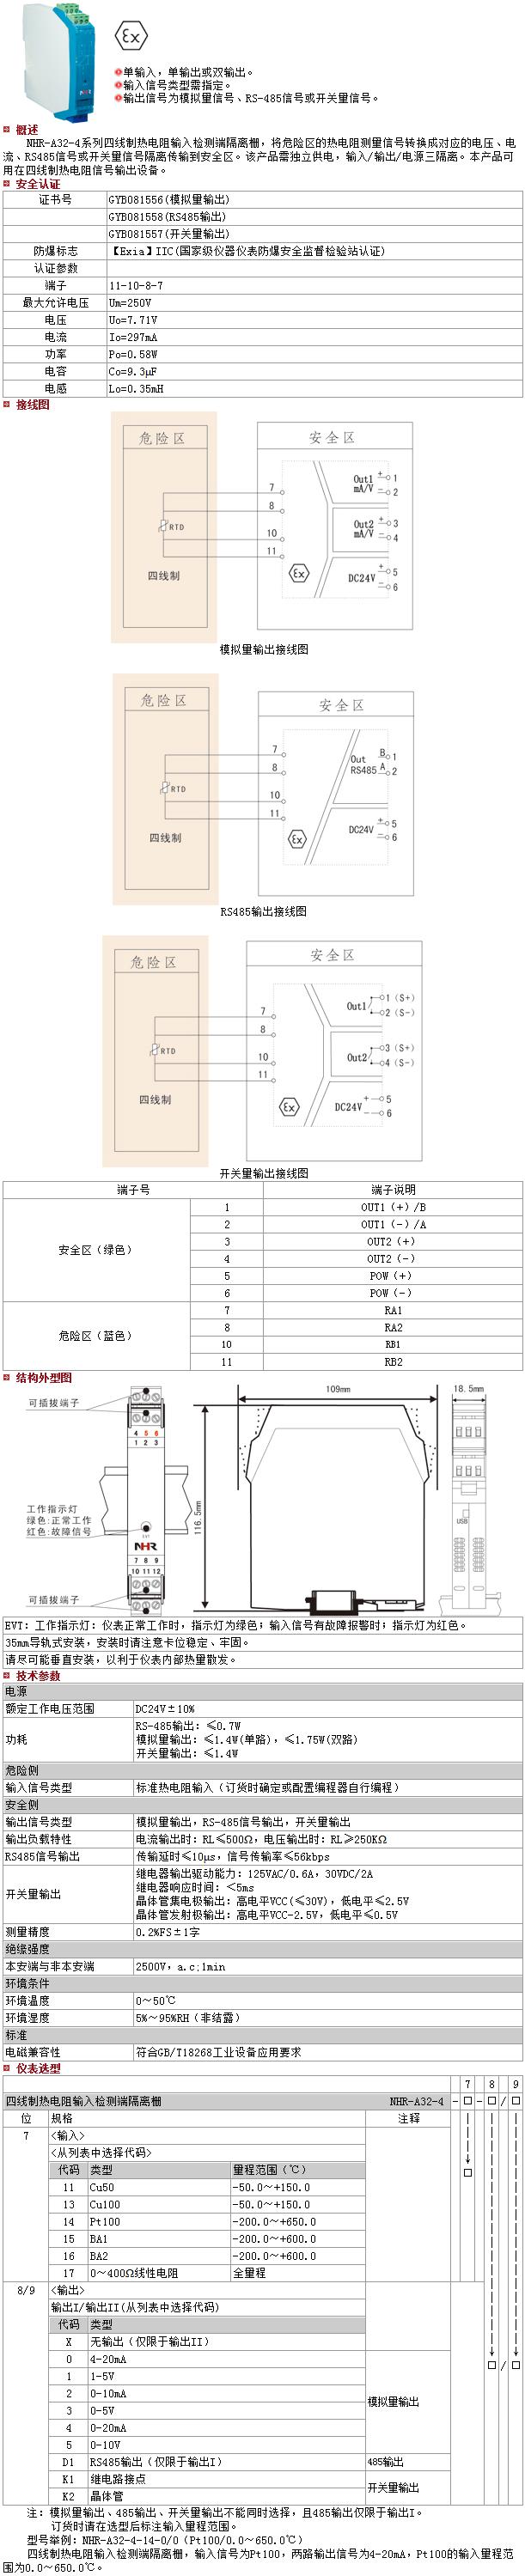 隔离栅,将危险区的热电阻测量信号转换成对应的电压,电流,rs485信号或